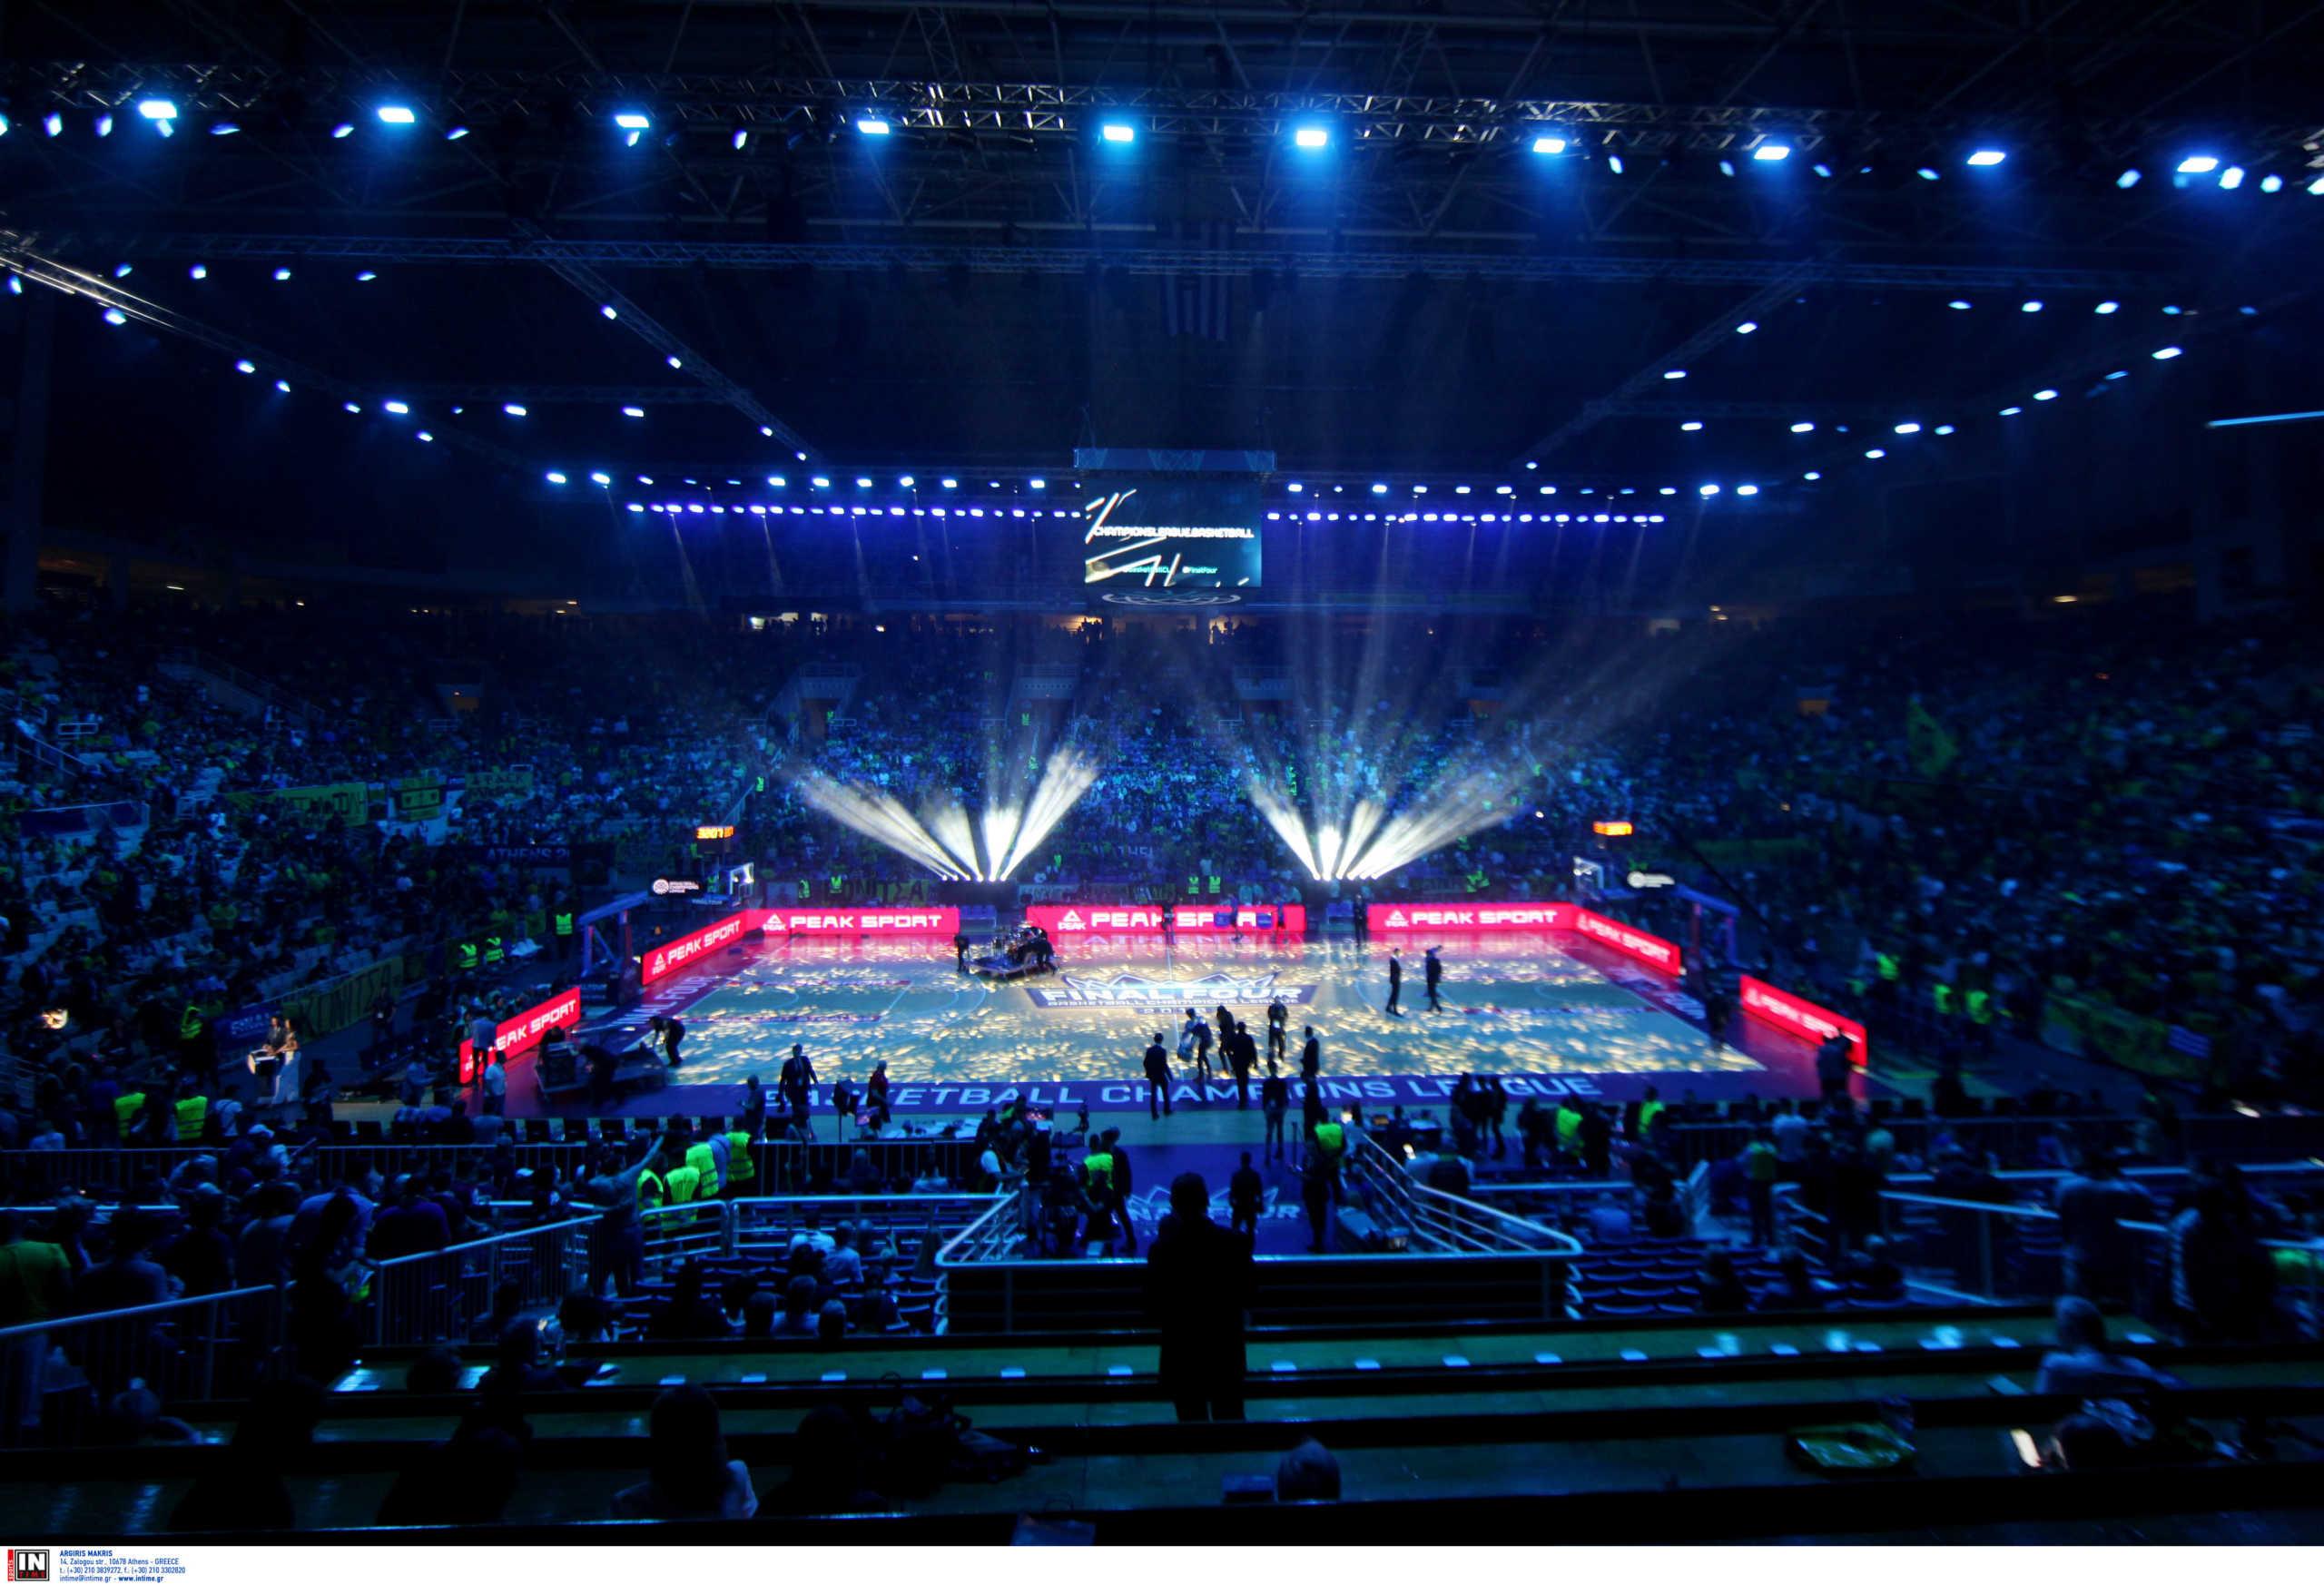 Η Περιφέρεια Αττικής καταψήφισε στο κονδύλι για το Final 8 του Basketball Champions League